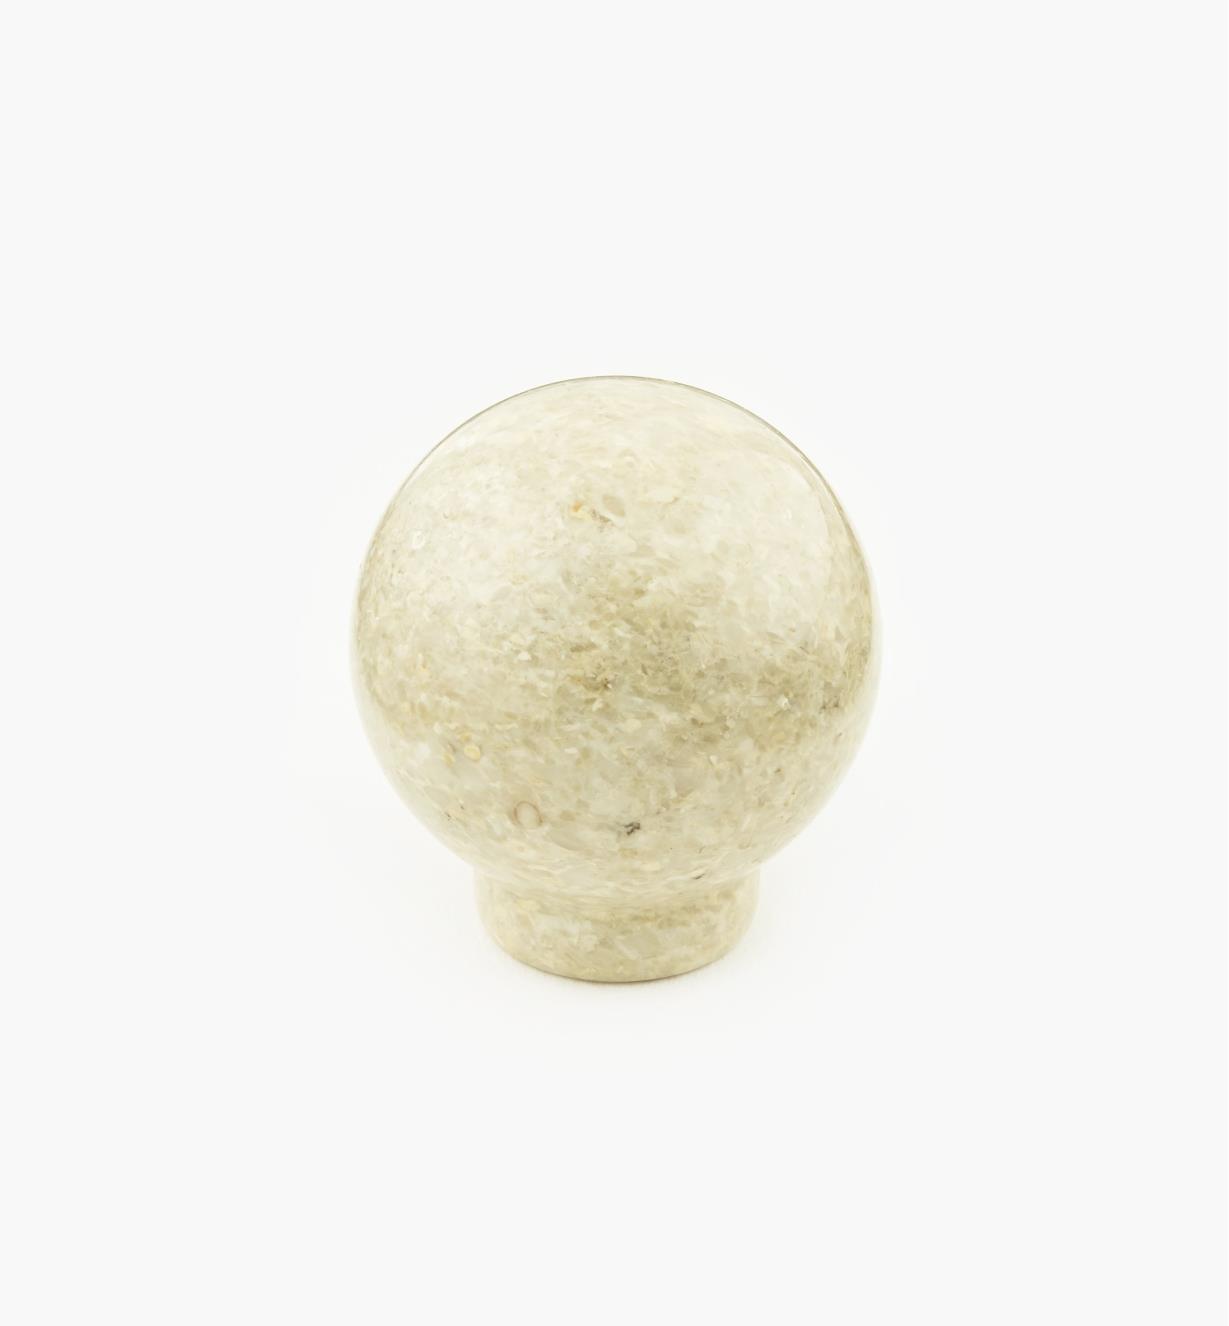 00W4012 - Bouton en marbre, sable, 33,5 mm x 35,5 mm